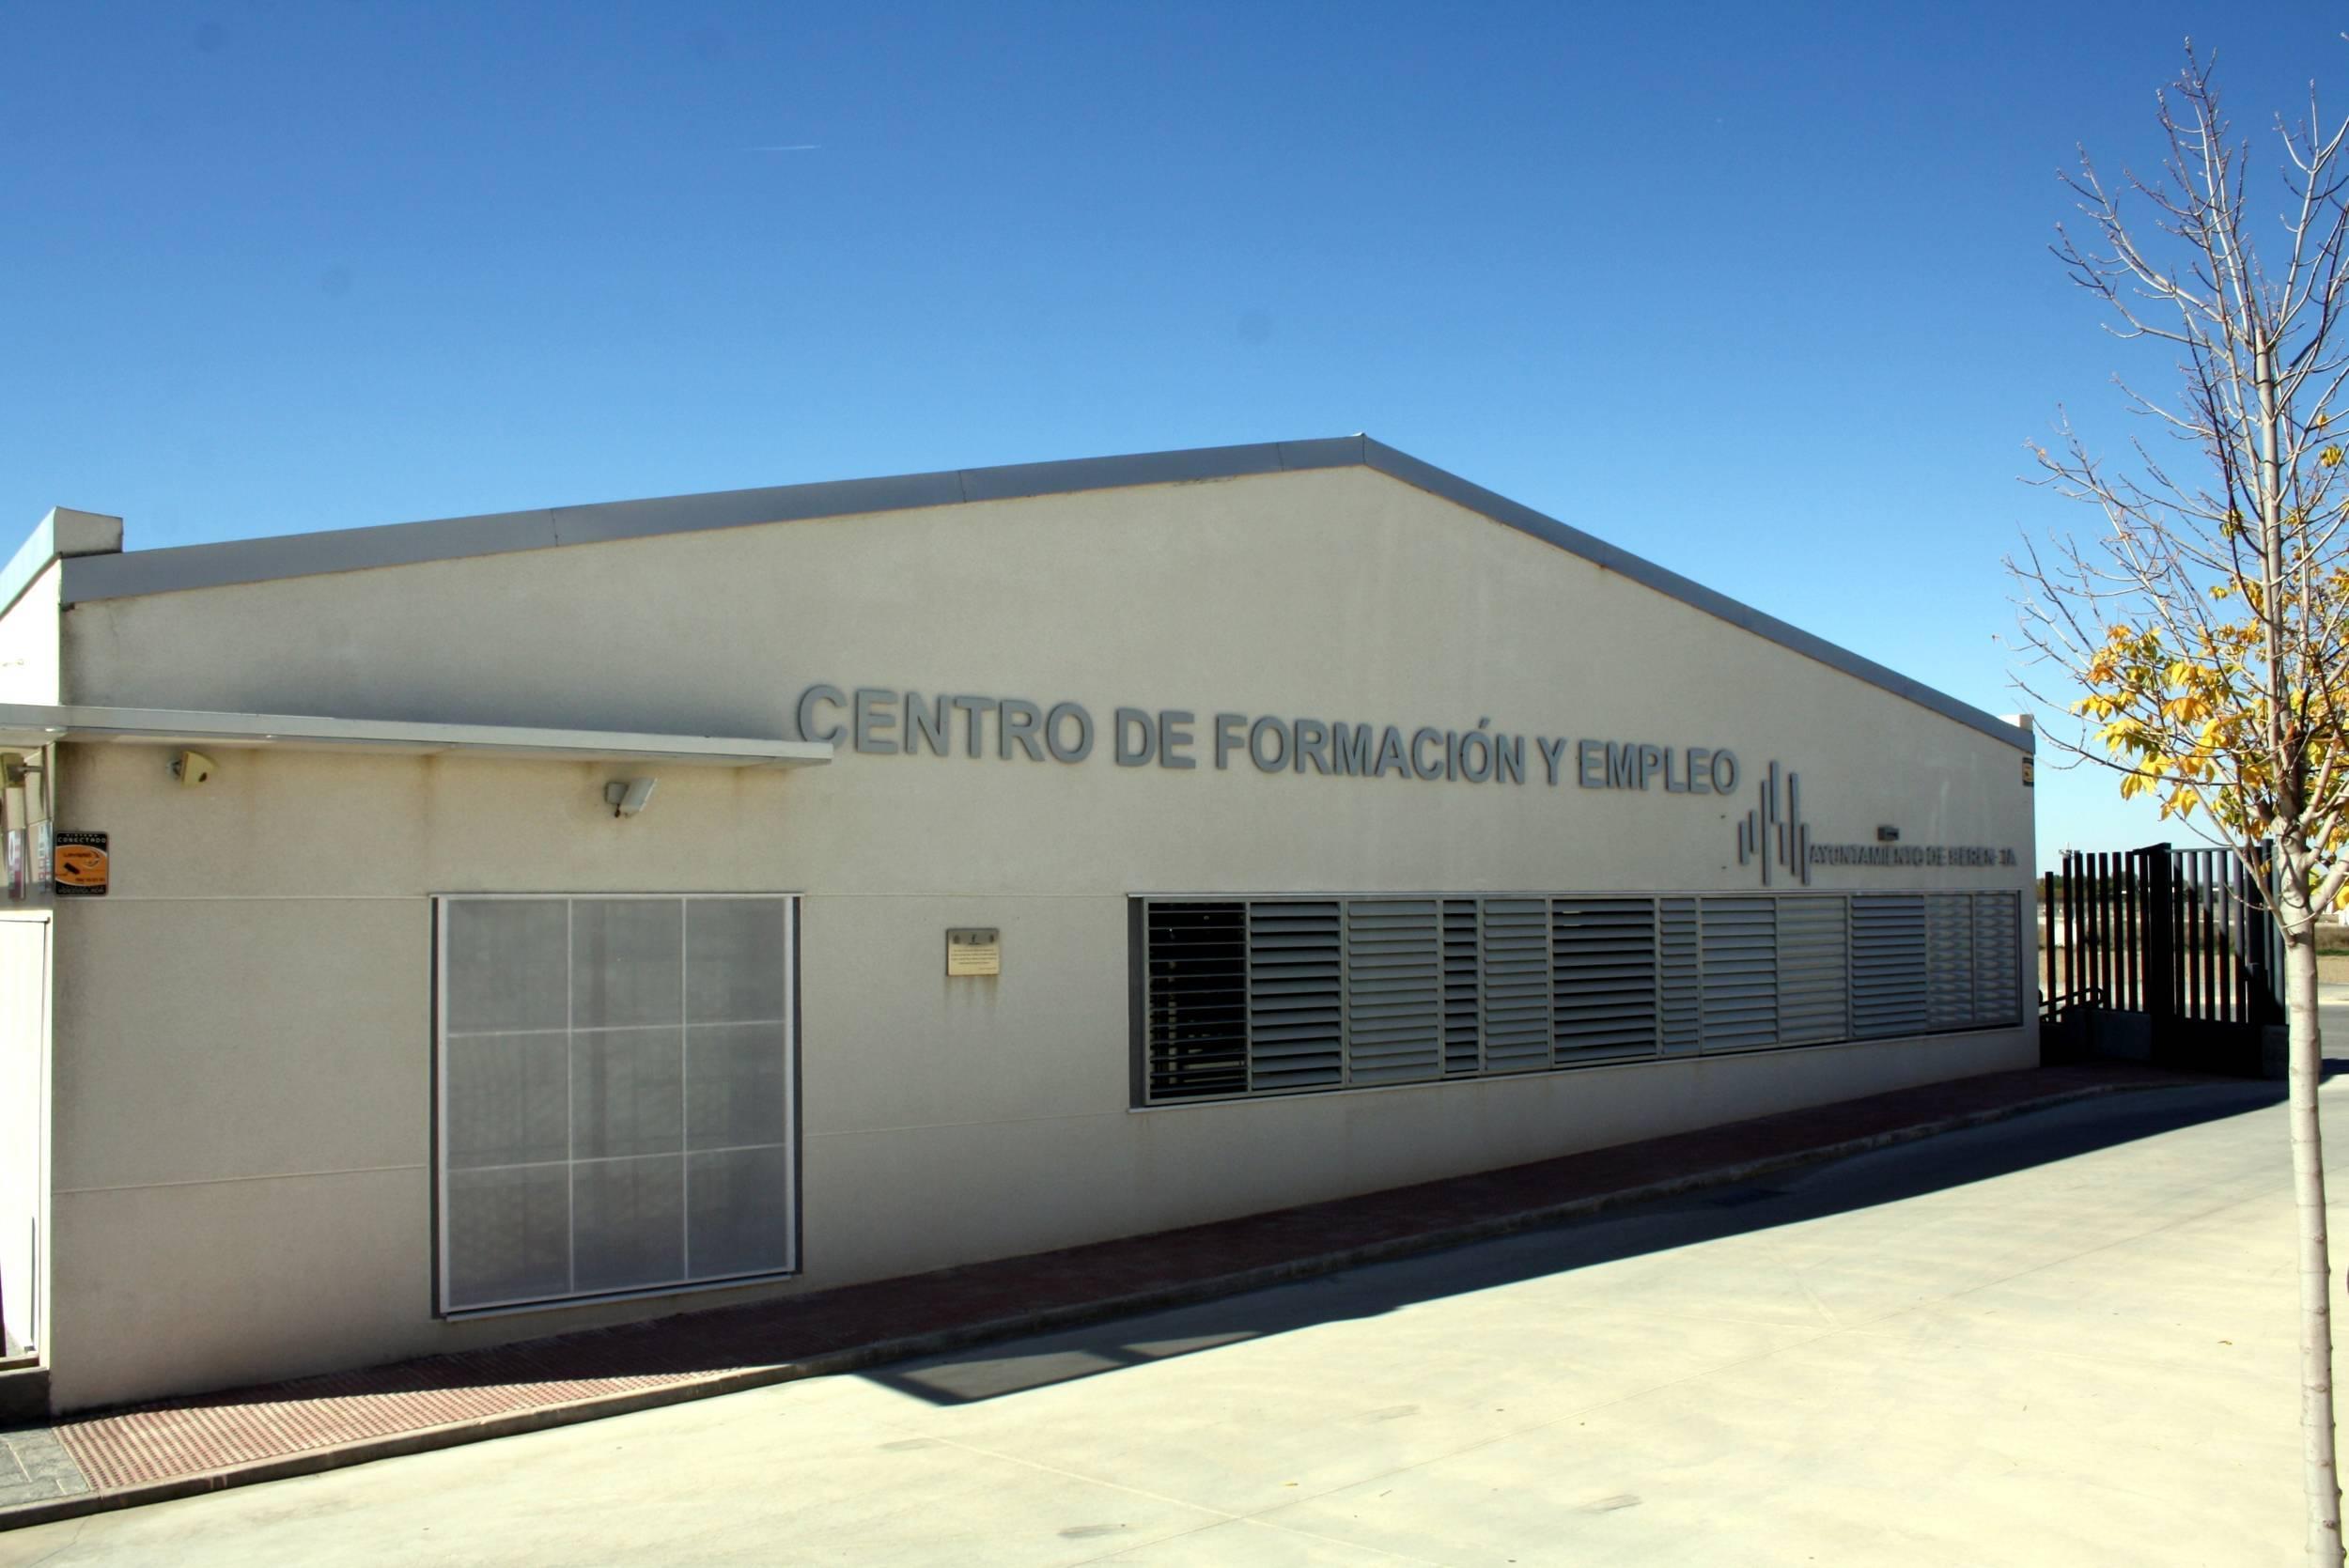 herencia centro empleo a - 900.000 euros para la formación de los empleados públicos de entidades locales